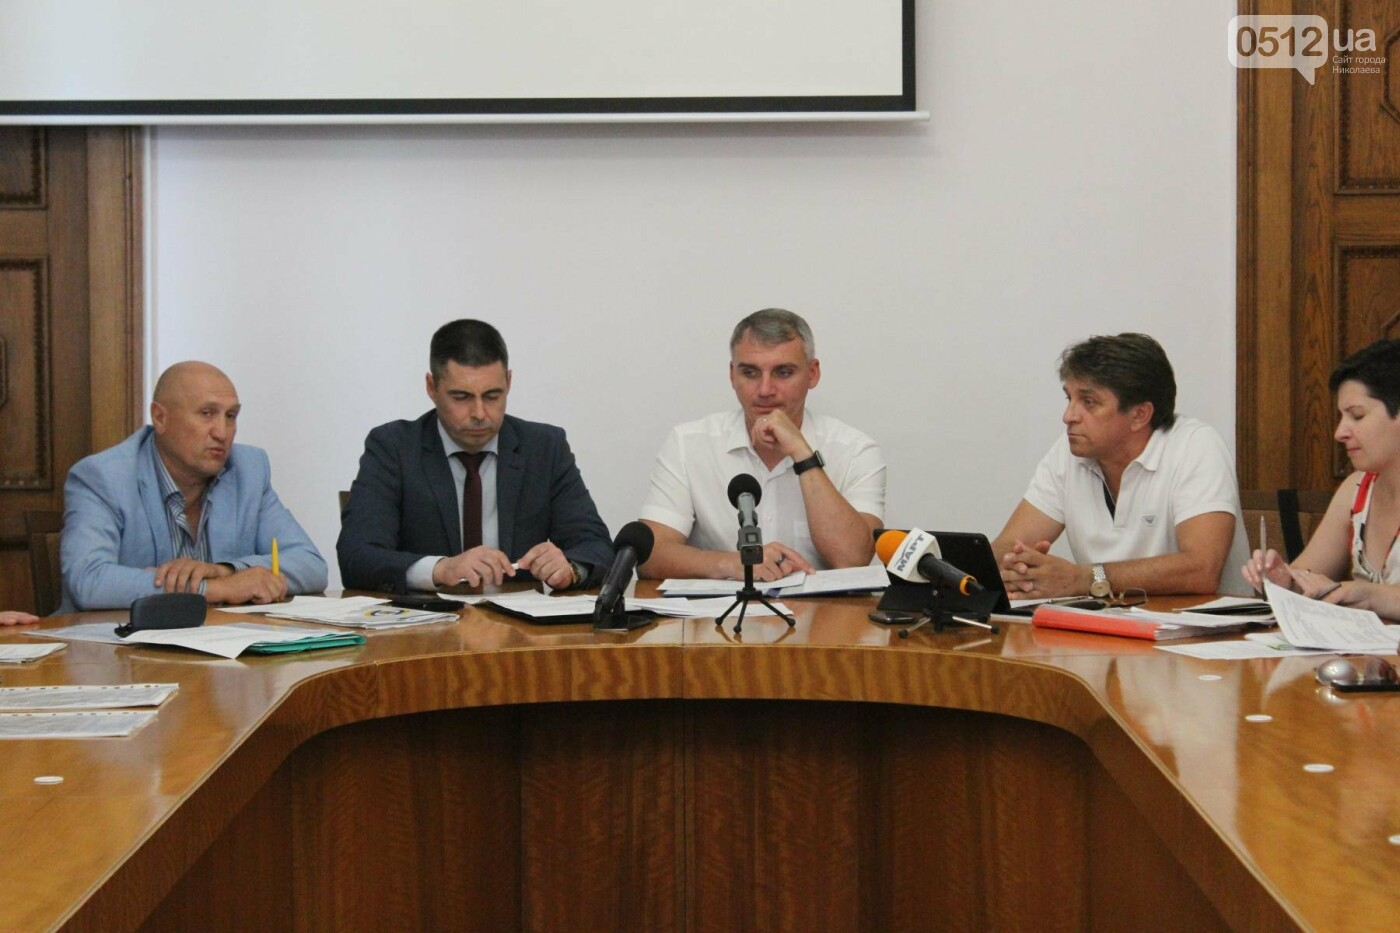 Сенкевич предлагает дать николаевцам право местной инициативы, фото-1